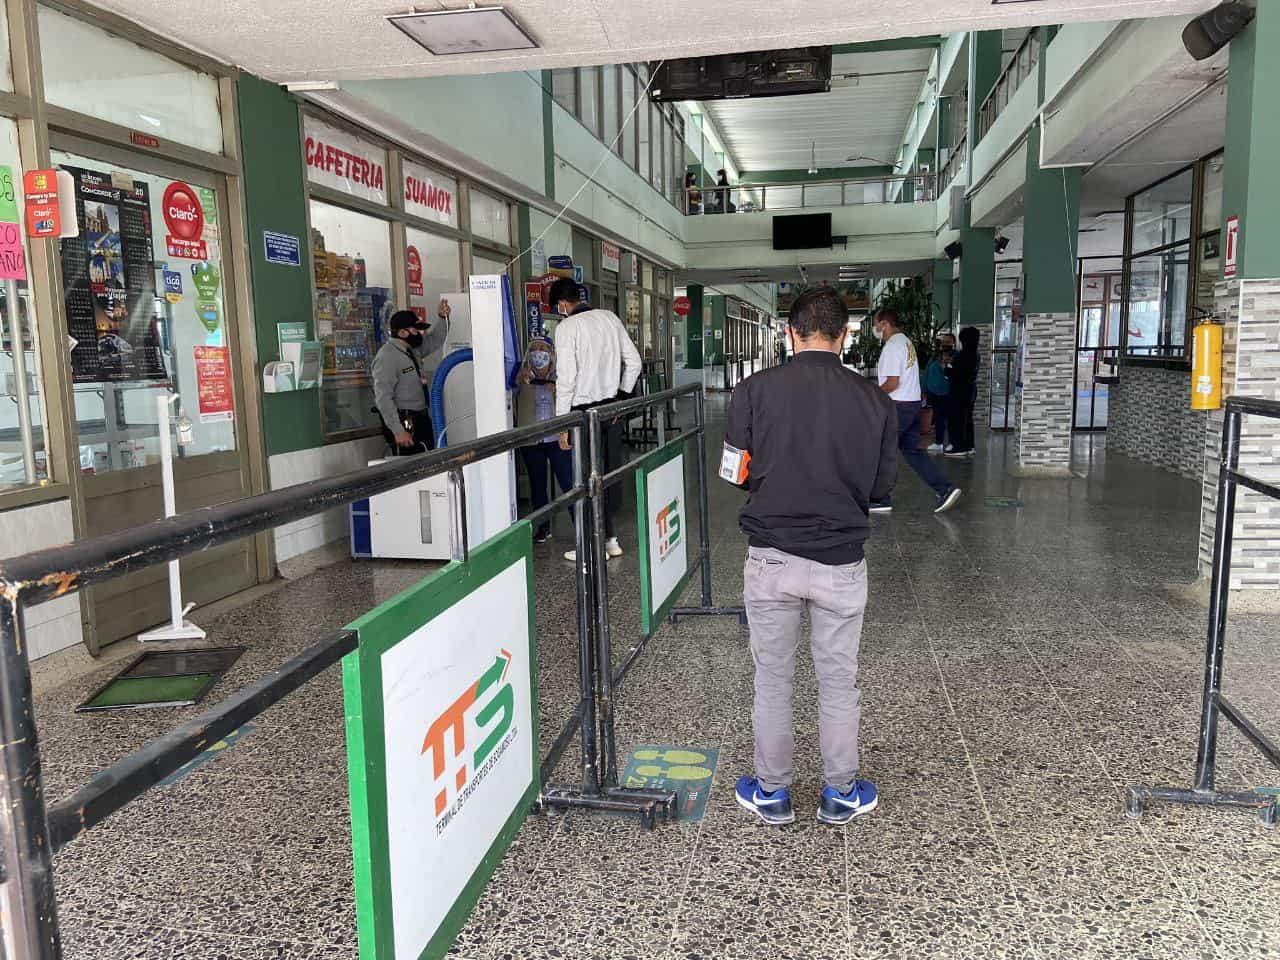 Ya no hay restricciones para utilizar el transporte intermunicipal de pasajeros #LaEntrevista #LoDijoEn7días 7